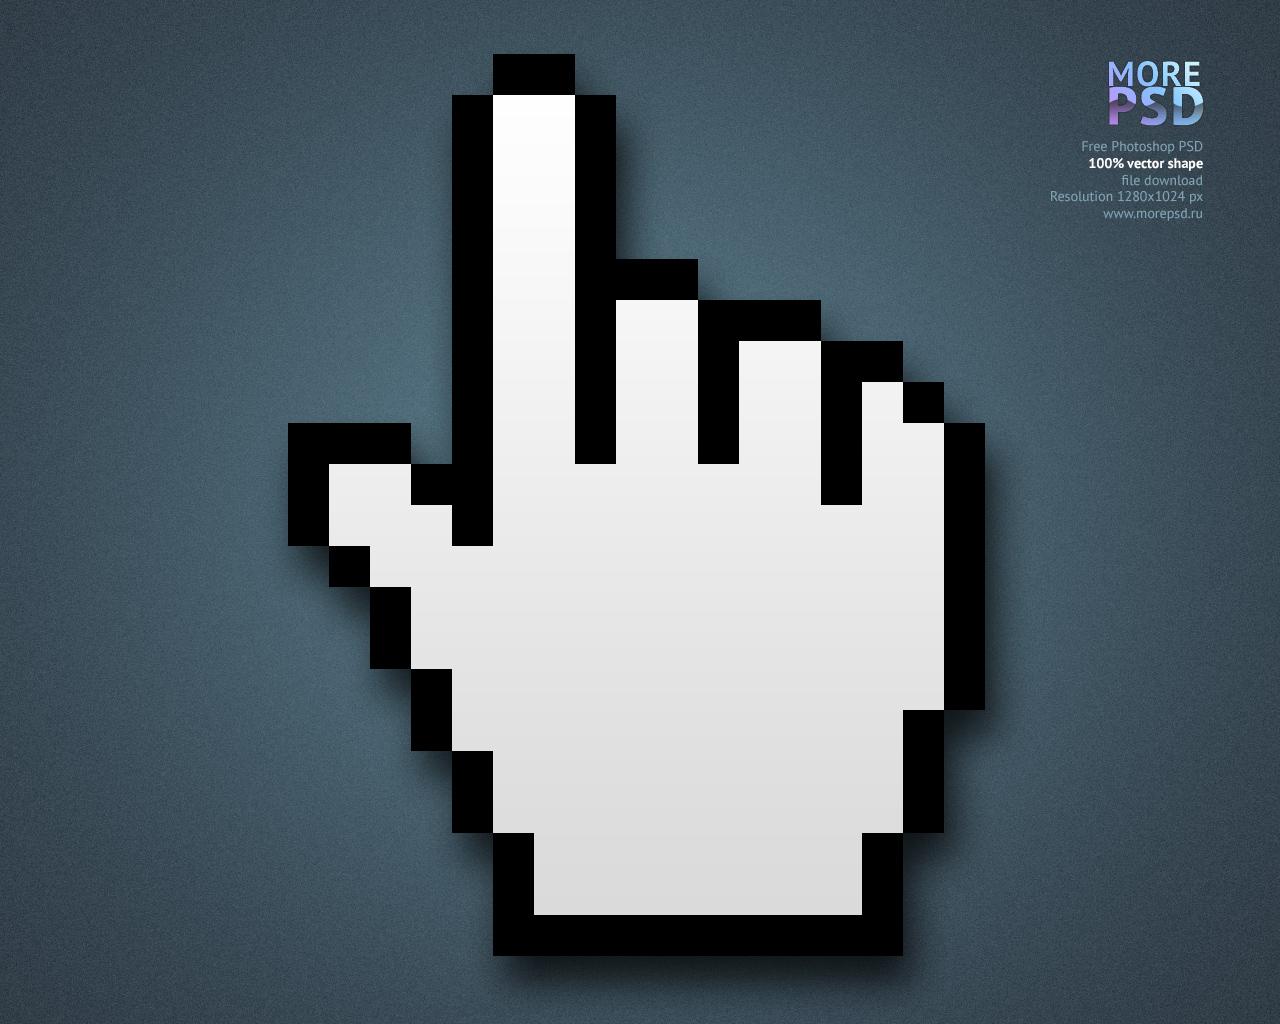 курсор, рука, скачать, вектор, шейп, psd, фотошоп, pointer, cursor, vector, shape